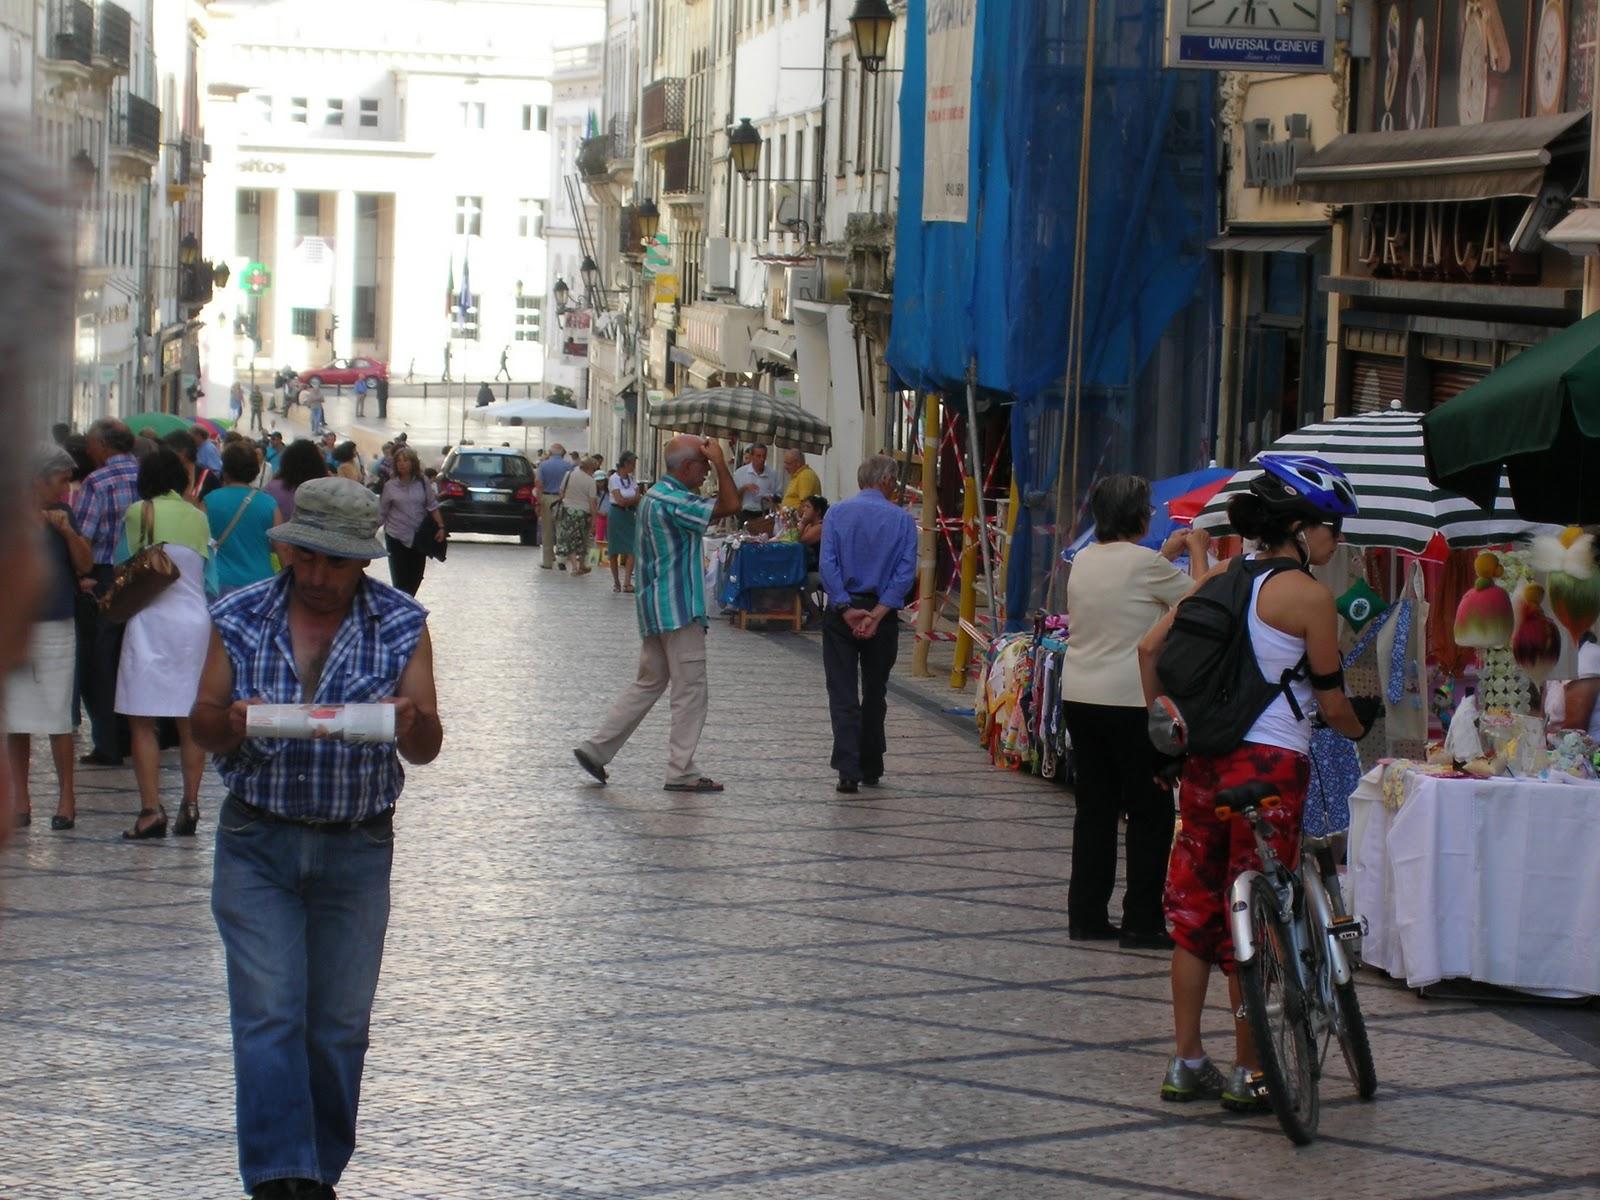 Adesivo De Olhos ~ anapaulabiju Feira de artesanato urbano de Coimbra